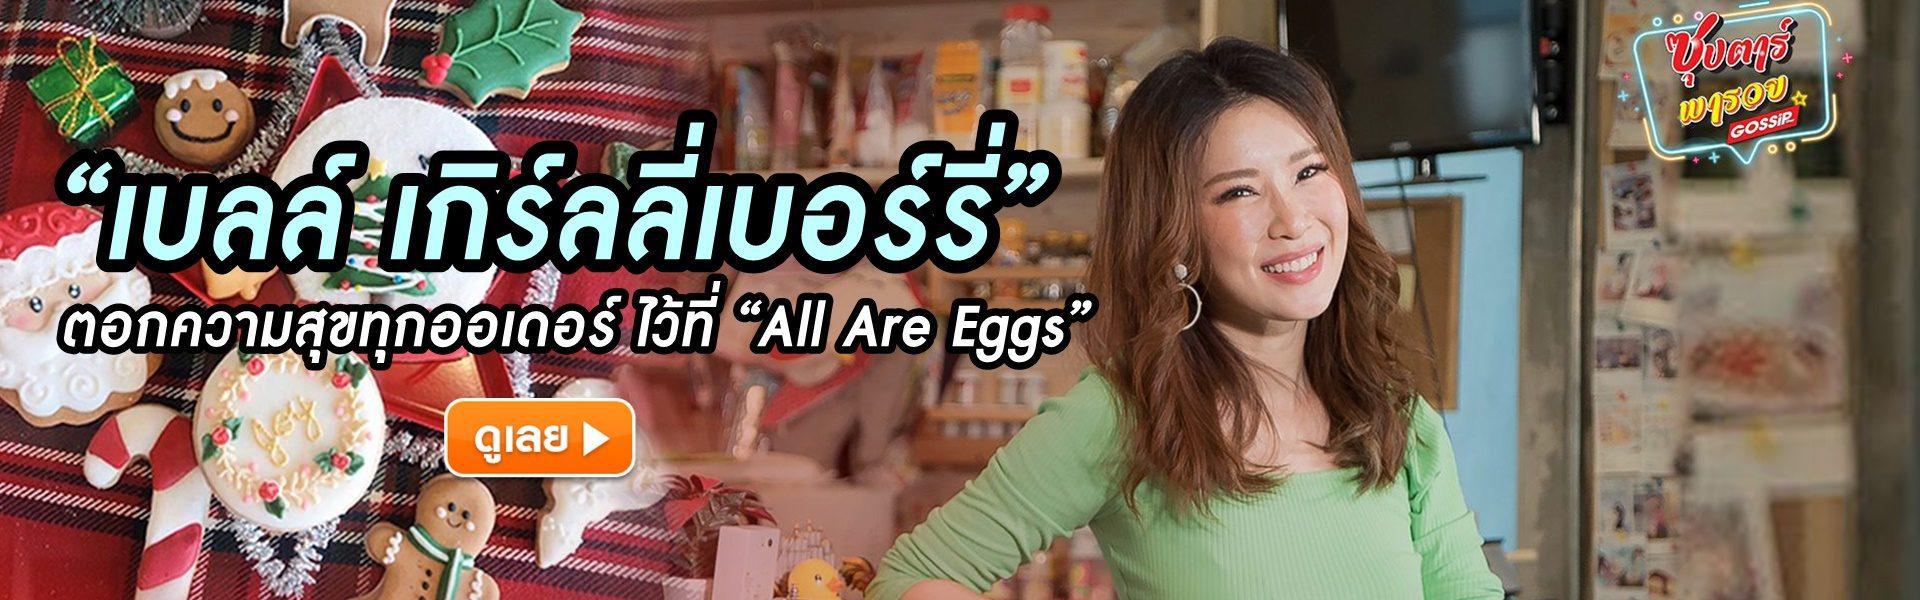 เบลล์ เกิร์ลลี่เบอร์รี่ ตอกความใส่ใจทุกออเดอร์ ไว้ที่ All Are Eggs